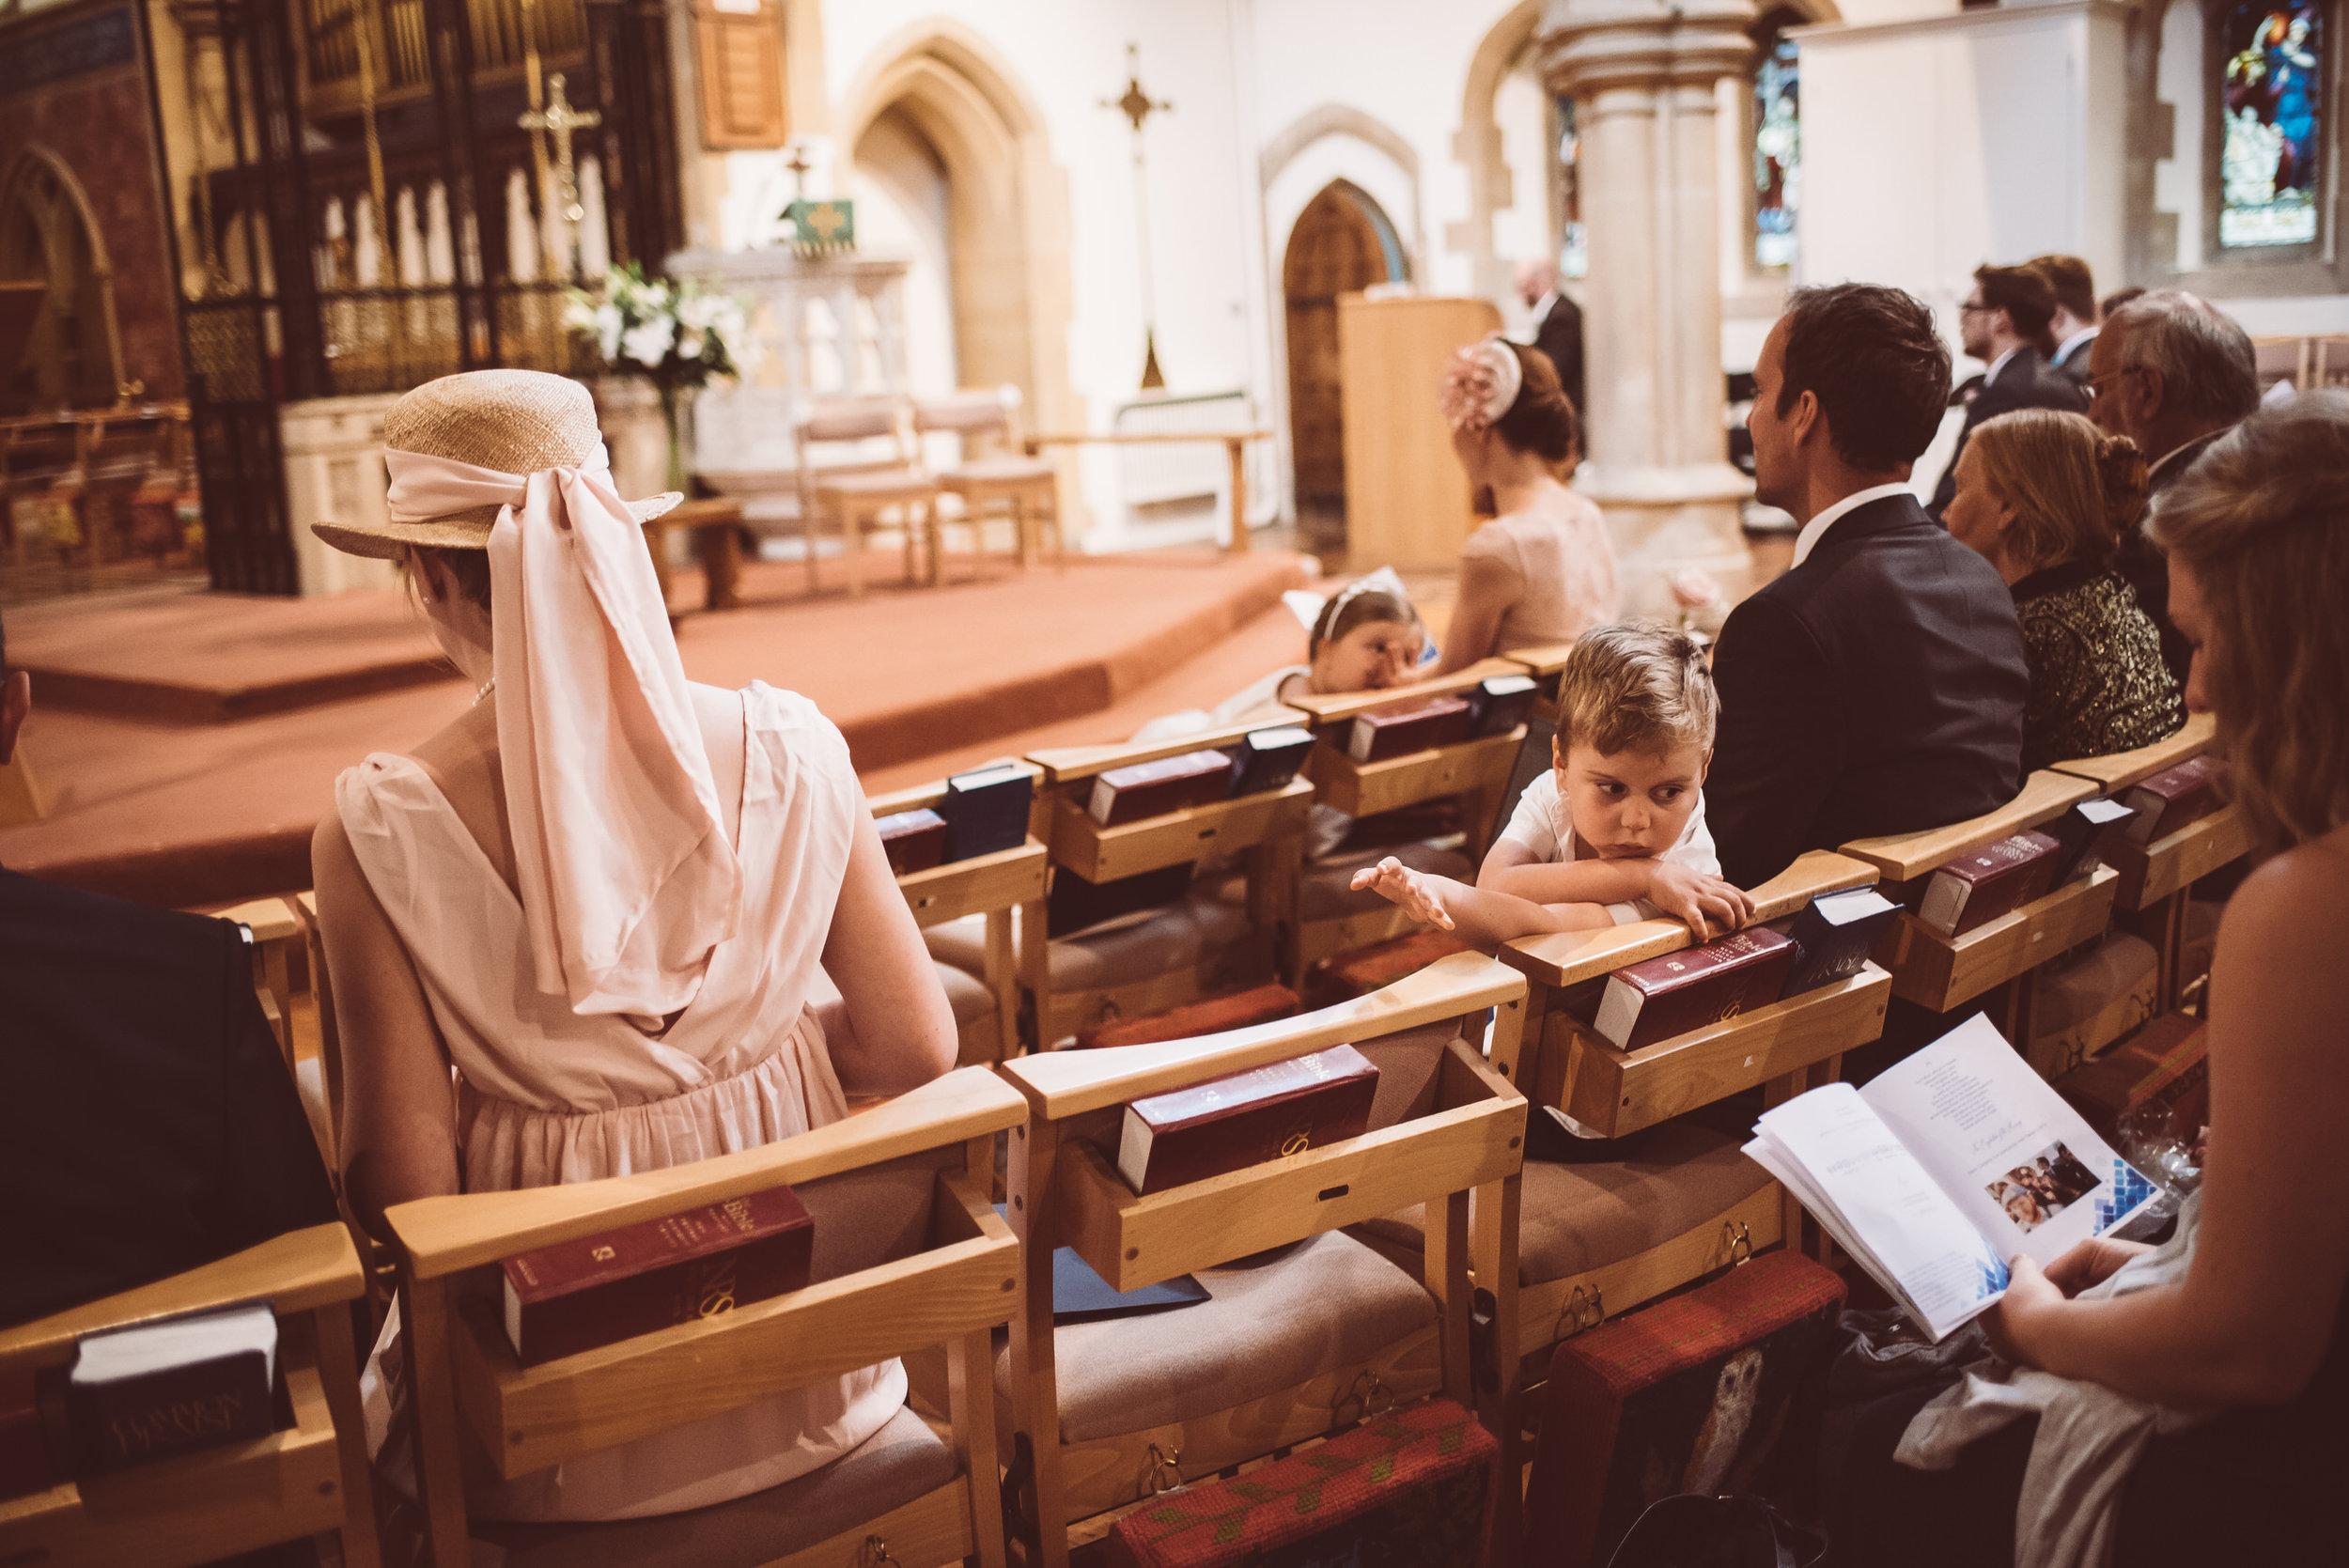 surrey-traditional-country-club-wedding-182.jpg